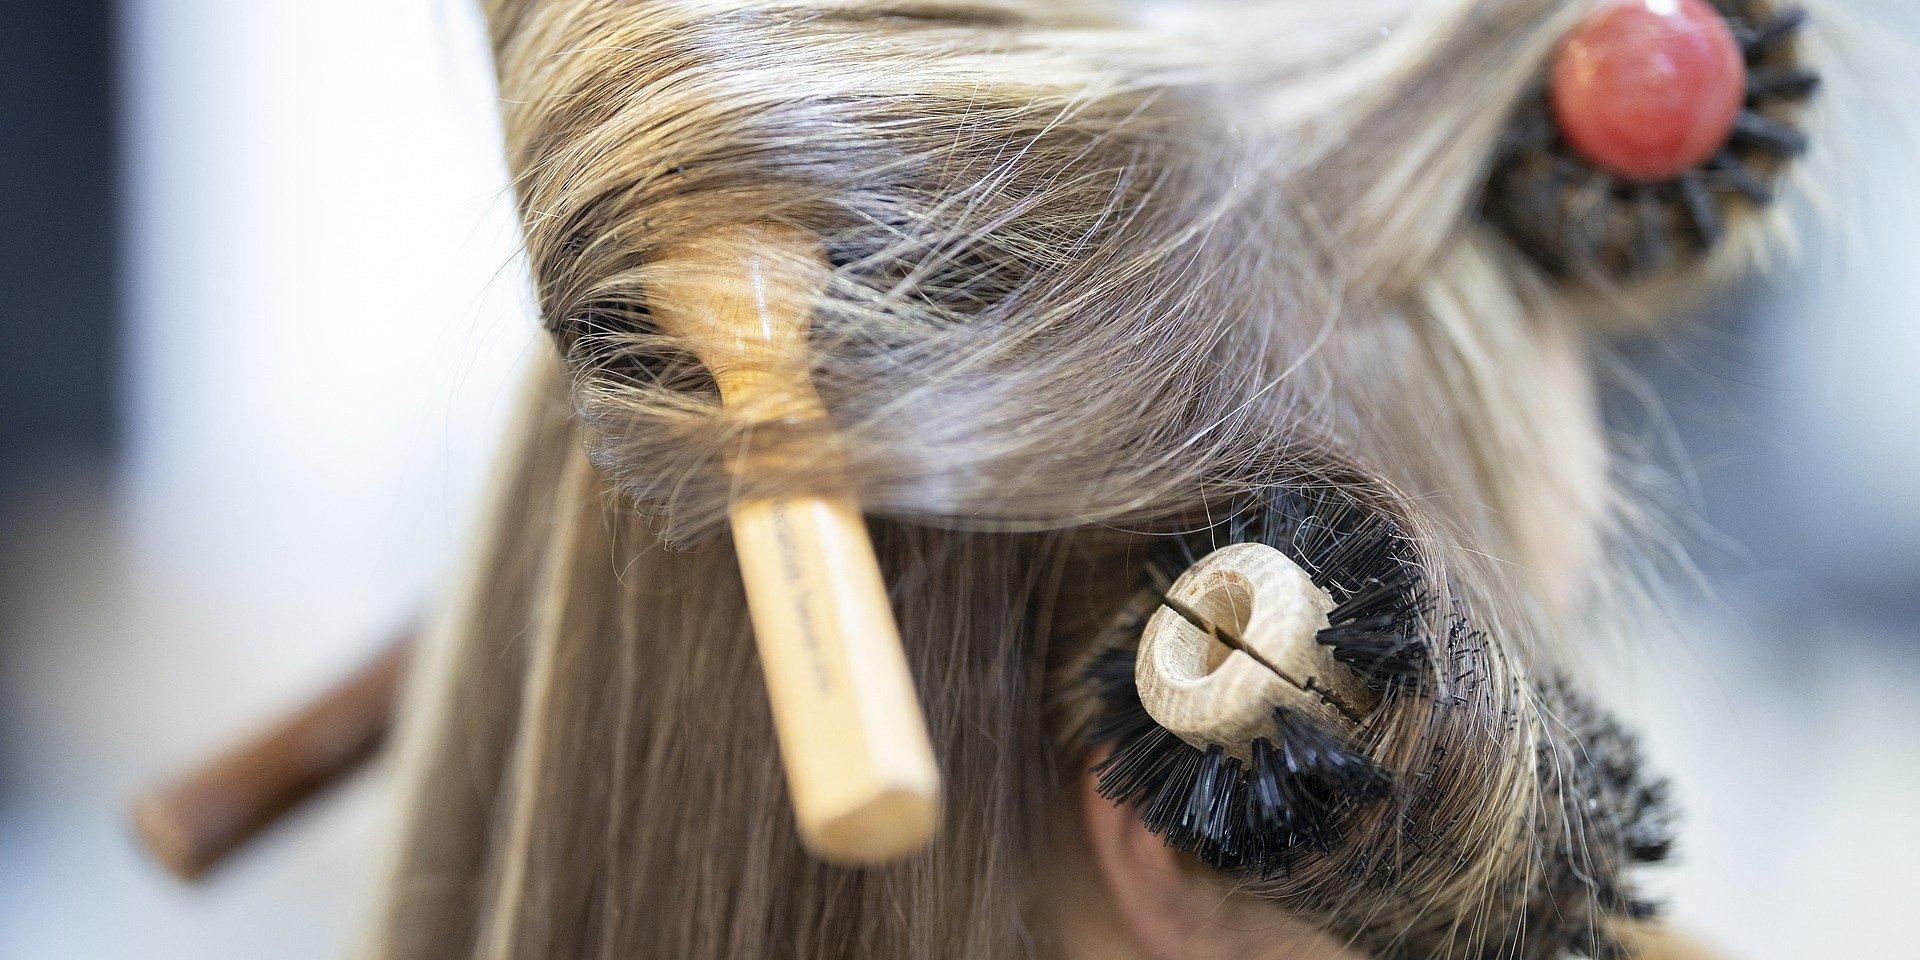 Mierzenie temperatury przed wizytą u fryzjera w centrum handlowym - co na to prawo?